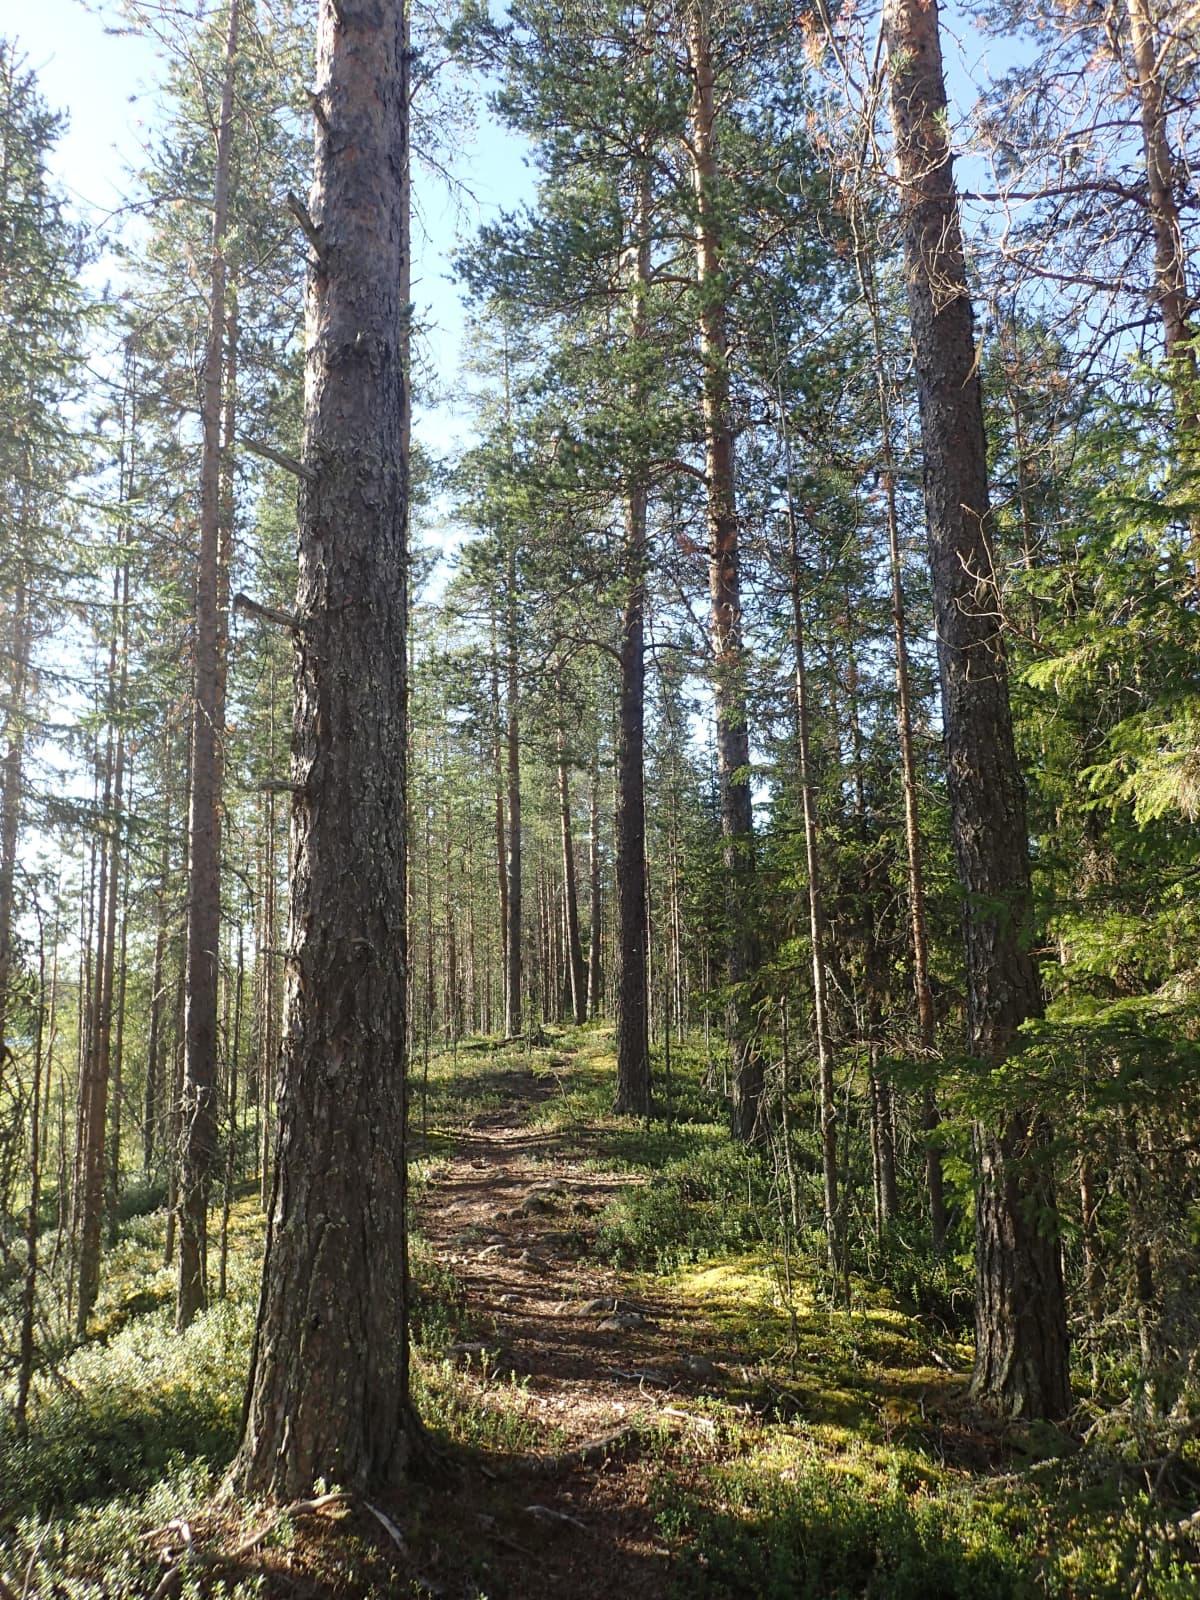 Mäntyvaltaista metsää Laukkujoen varressa Pellon kunnassa Länsi-Lapissa.